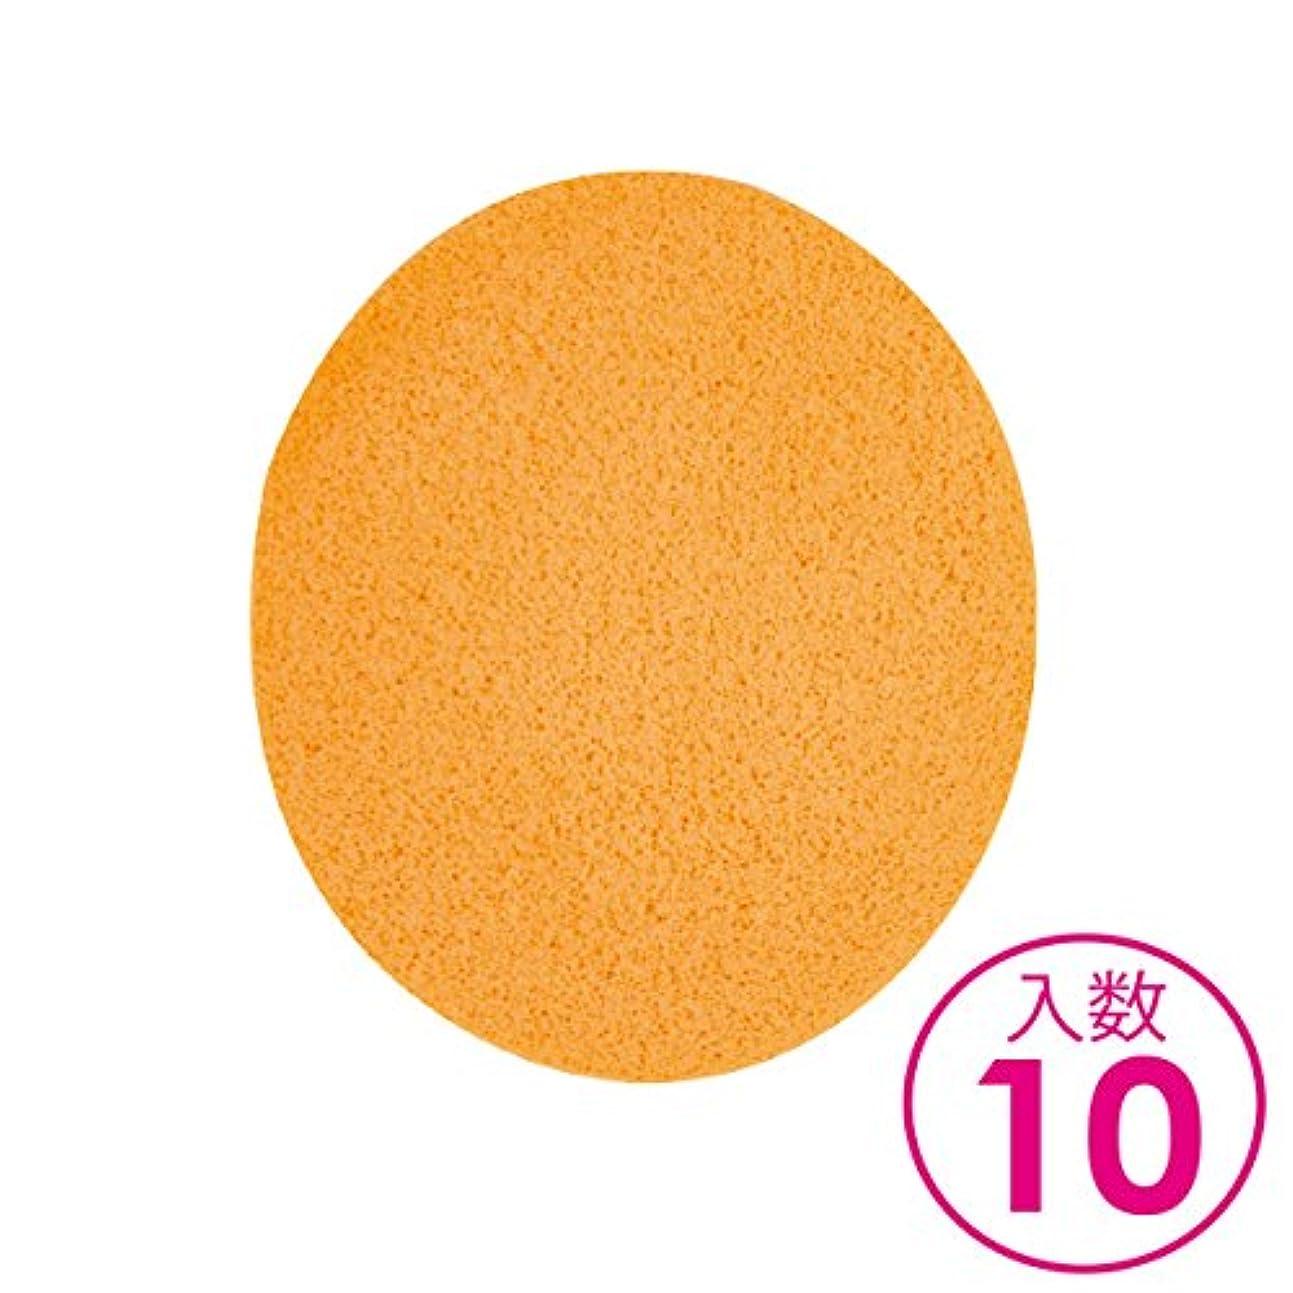 夜面倒マナーボディスポンジ 幅120×長さ140×厚み10mm (きめ粗い) 10枚入 オレンジ [ ボディスポンジ ボディ用スポンジ マッサージスポンジ ボディ ボディー 体用 エステ スポンジ パック 拭き取り 吸水 保水 ]